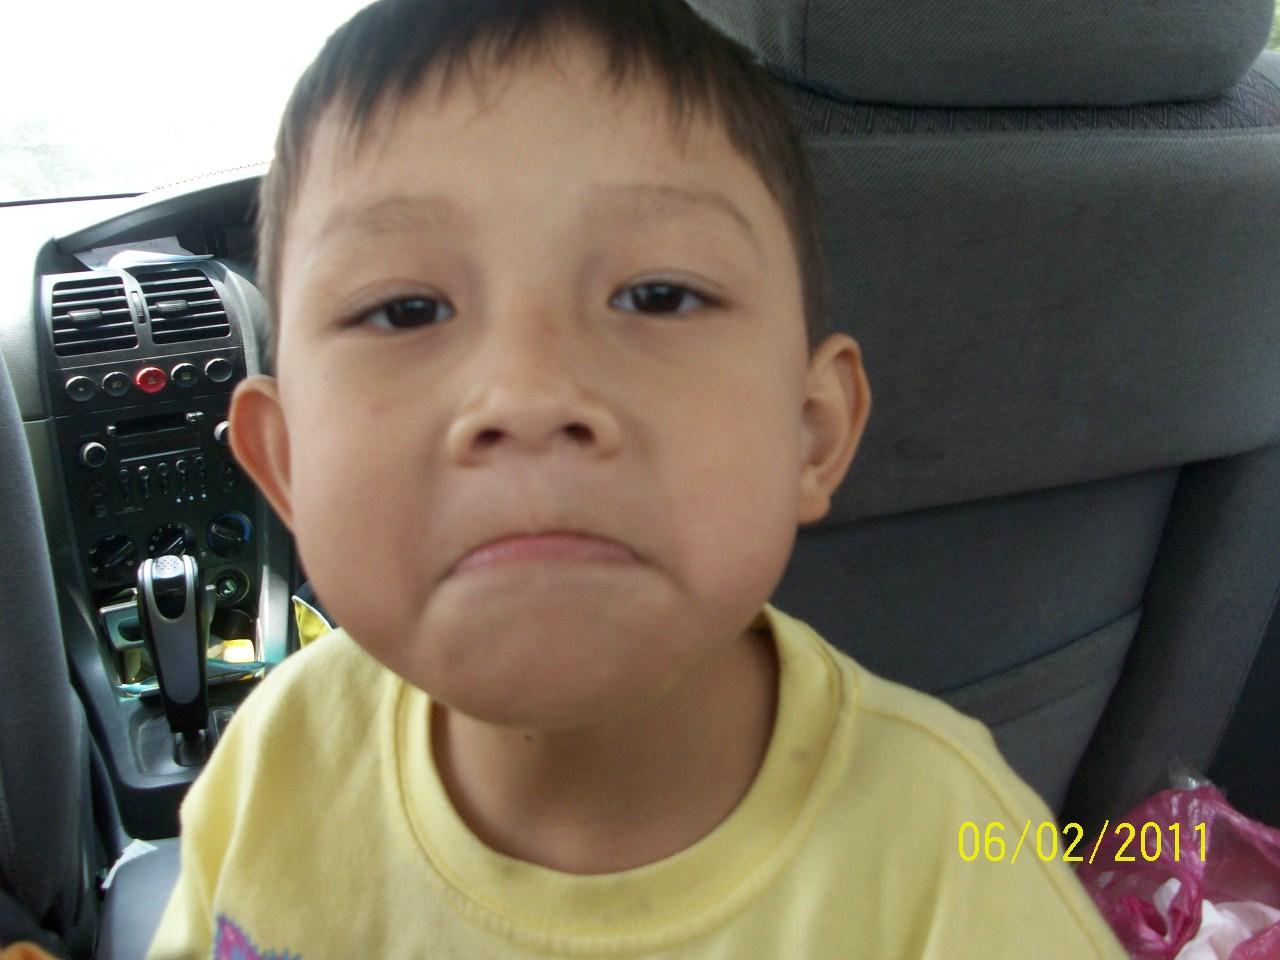 Cewek Ngangkang Jpg Download Gambar Foto Zonatrickcom